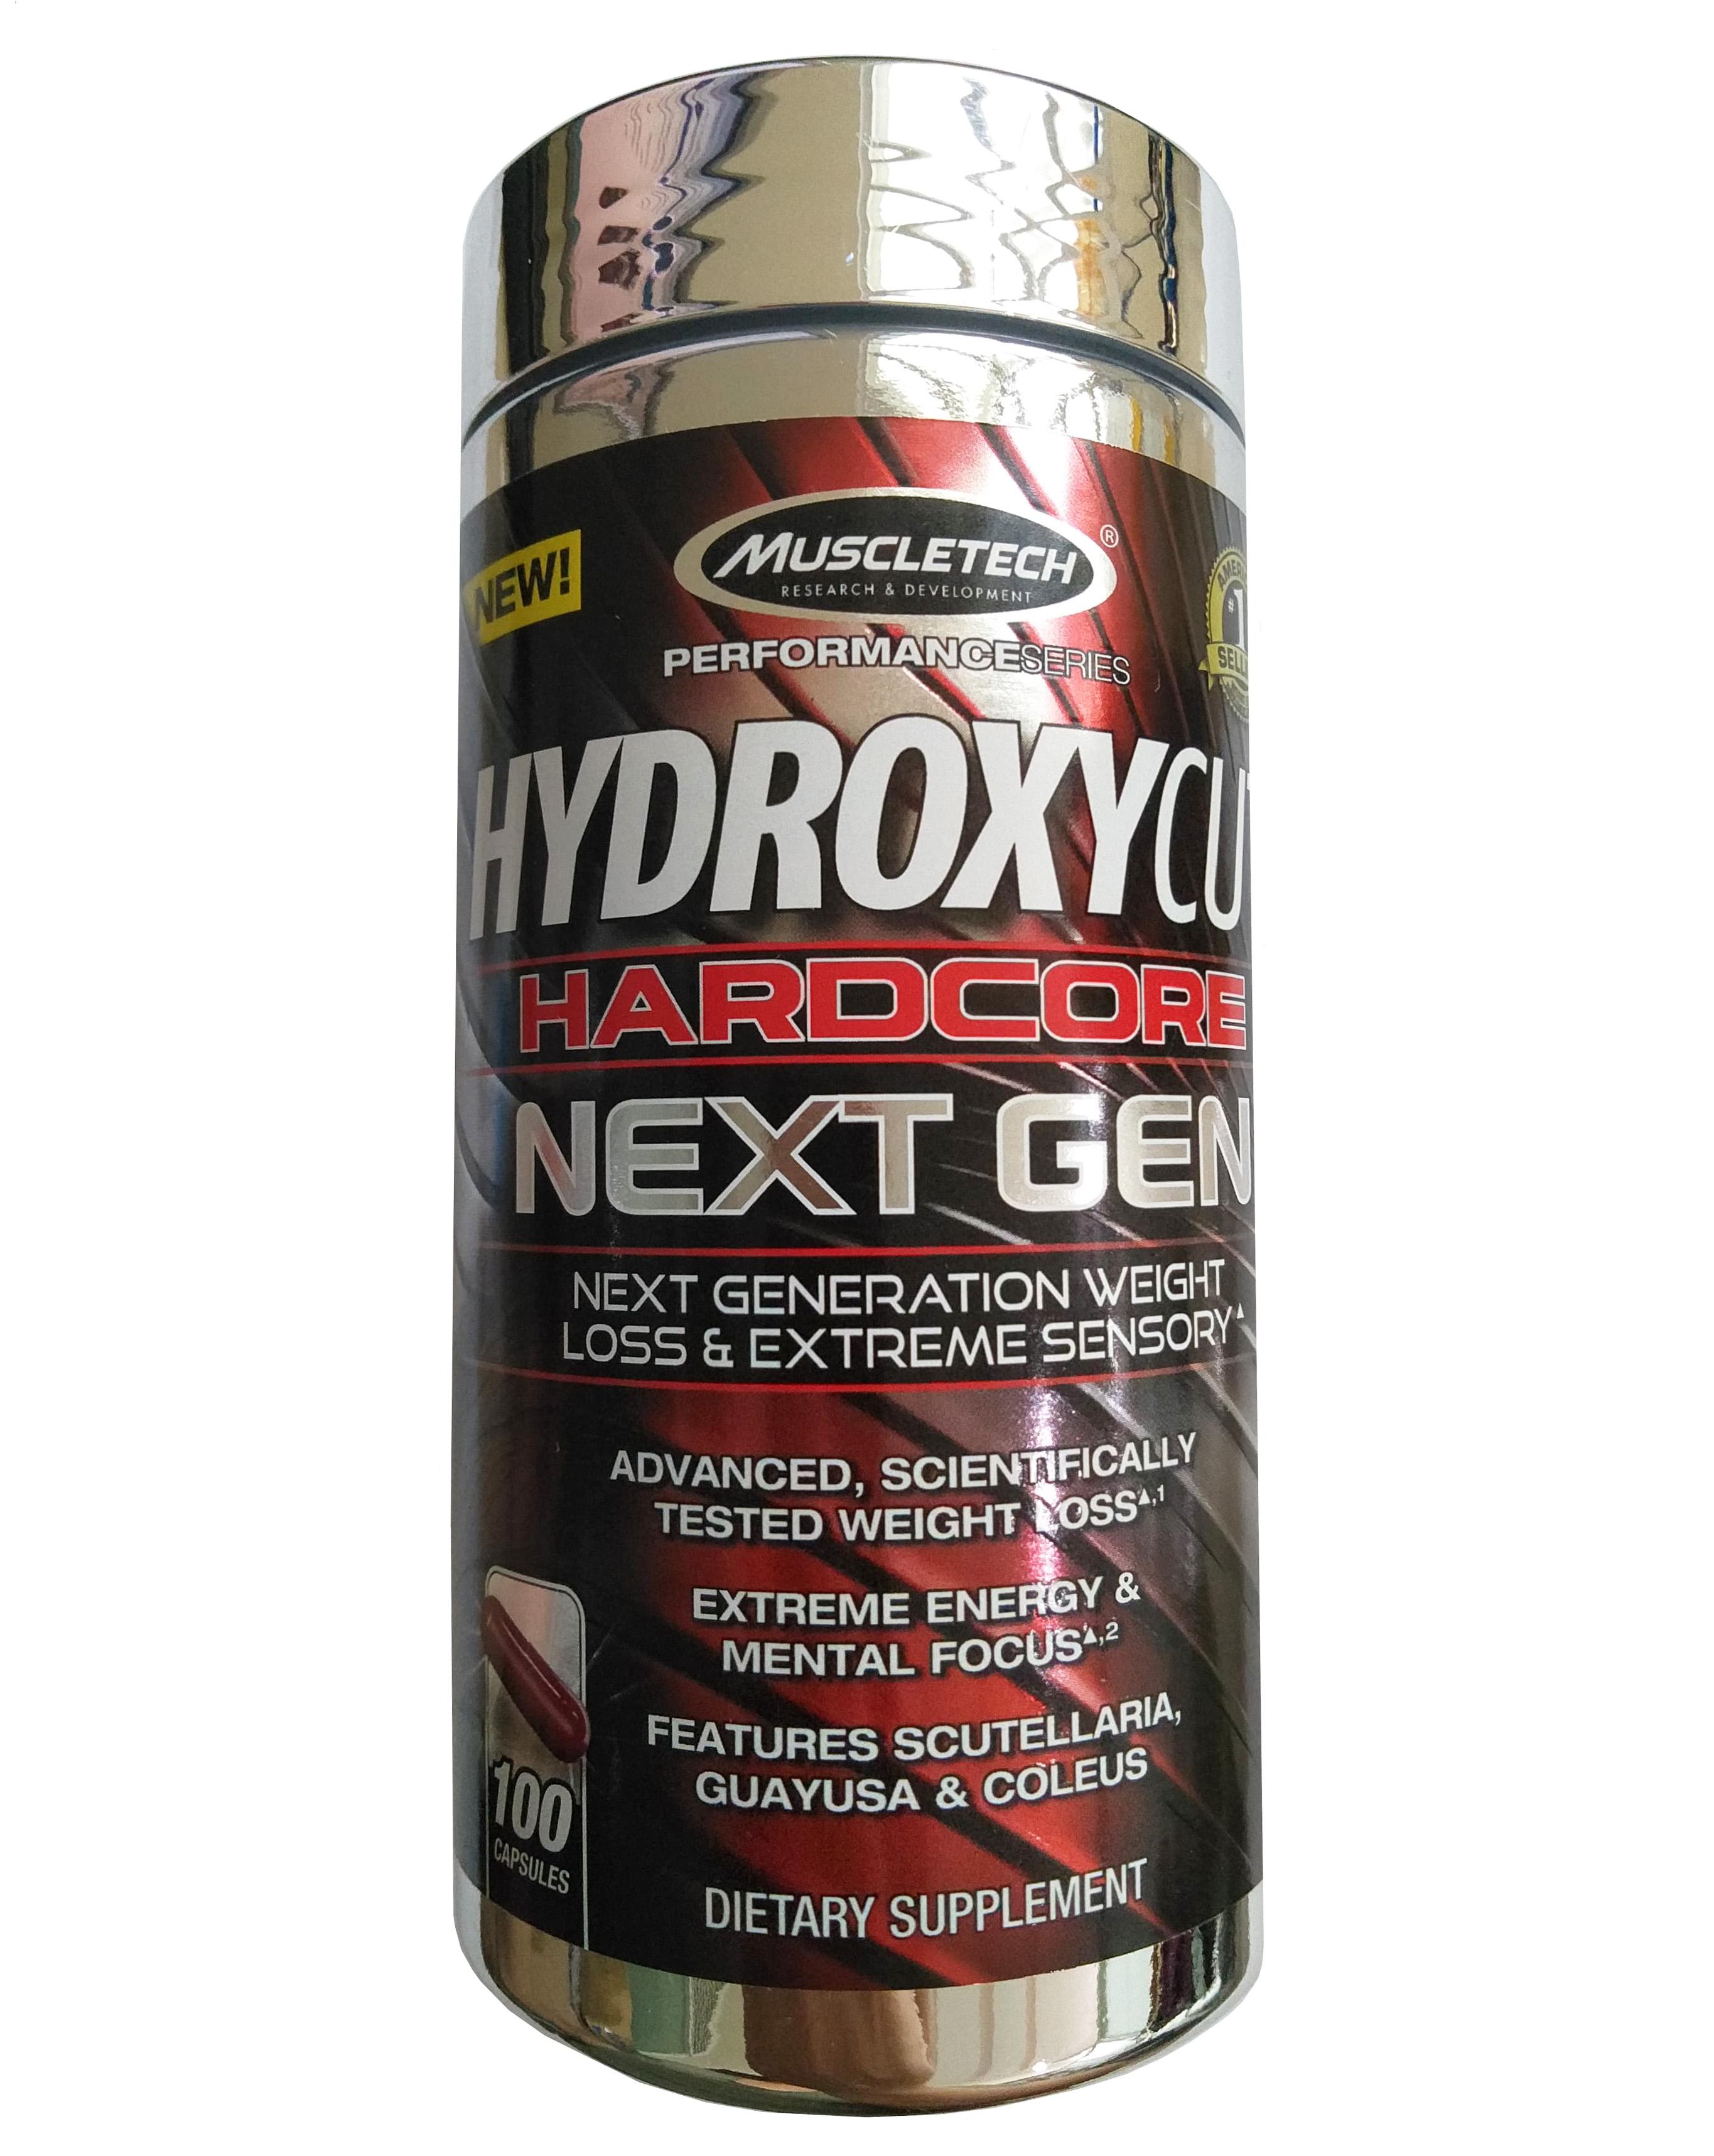 Hydroxycut Next Gensản phẩm cải tiến củaHydroxycut